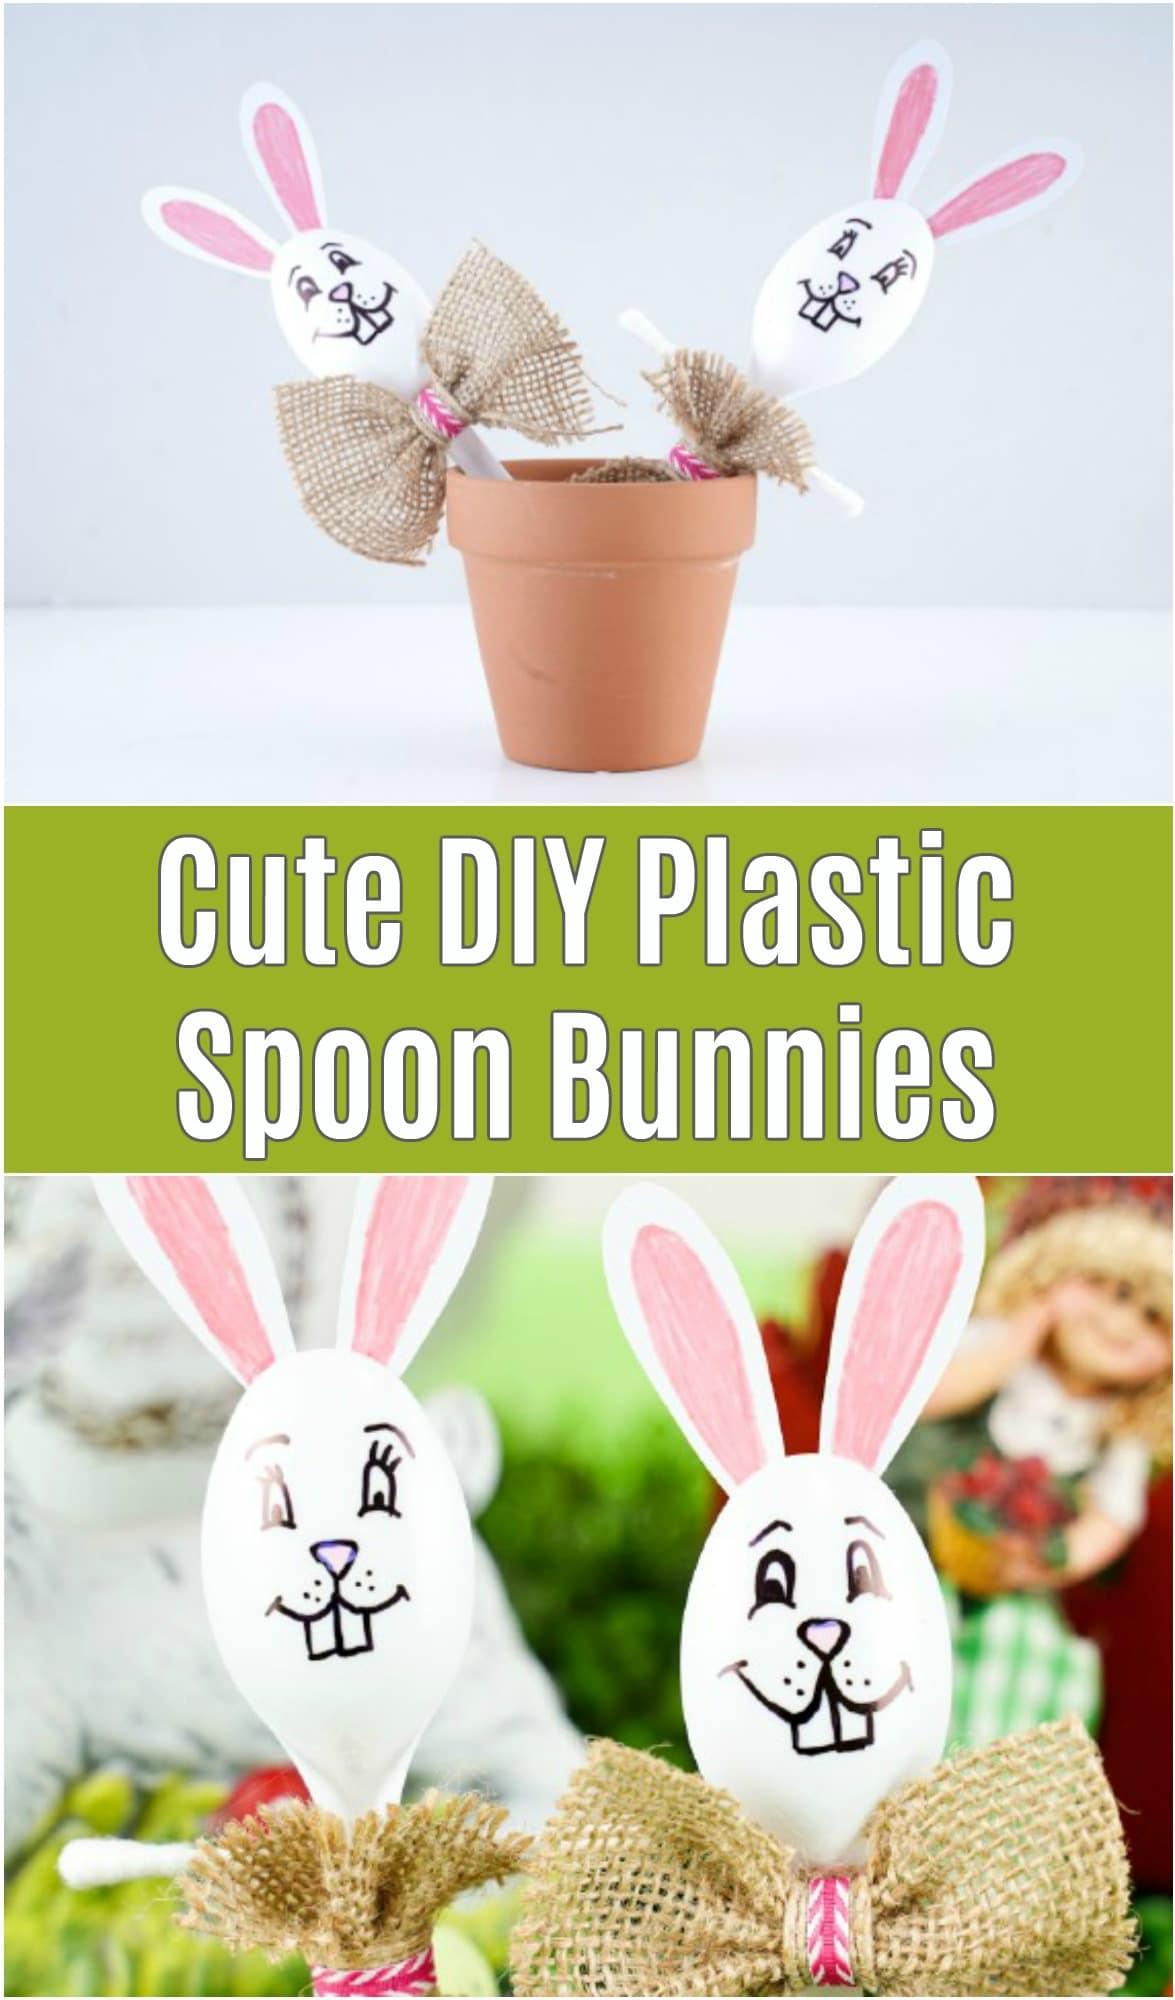 Plastic spoon bunnies in flower pots